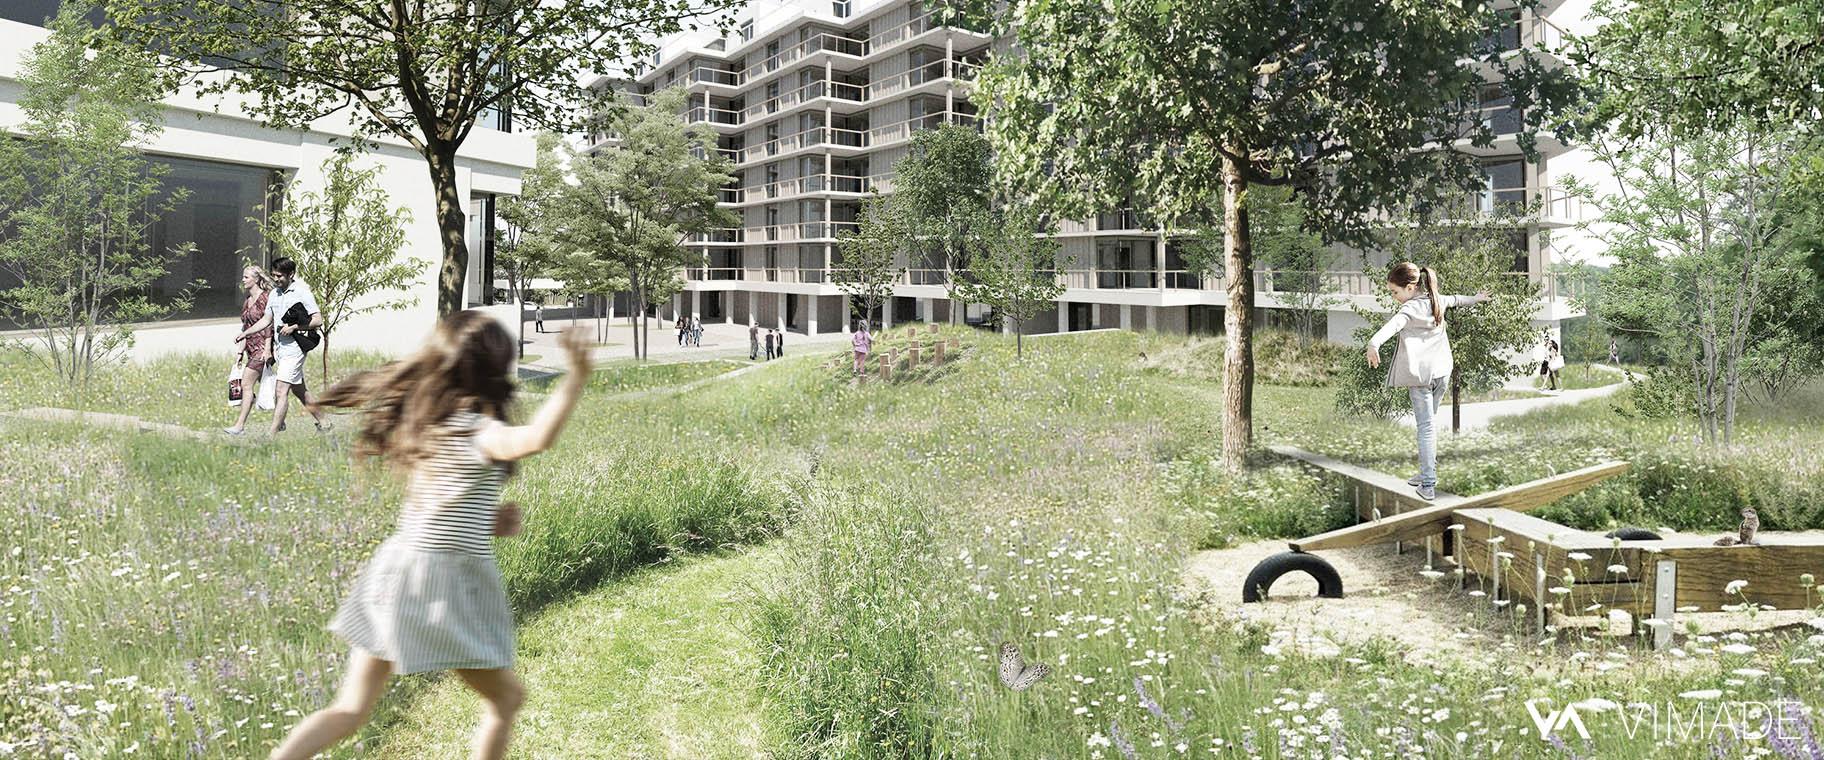 Projet d'aménagement écologique pour les coopératives CODHA et SOCOOP à Genève par le bureau VIMADE Architectes paysagistes